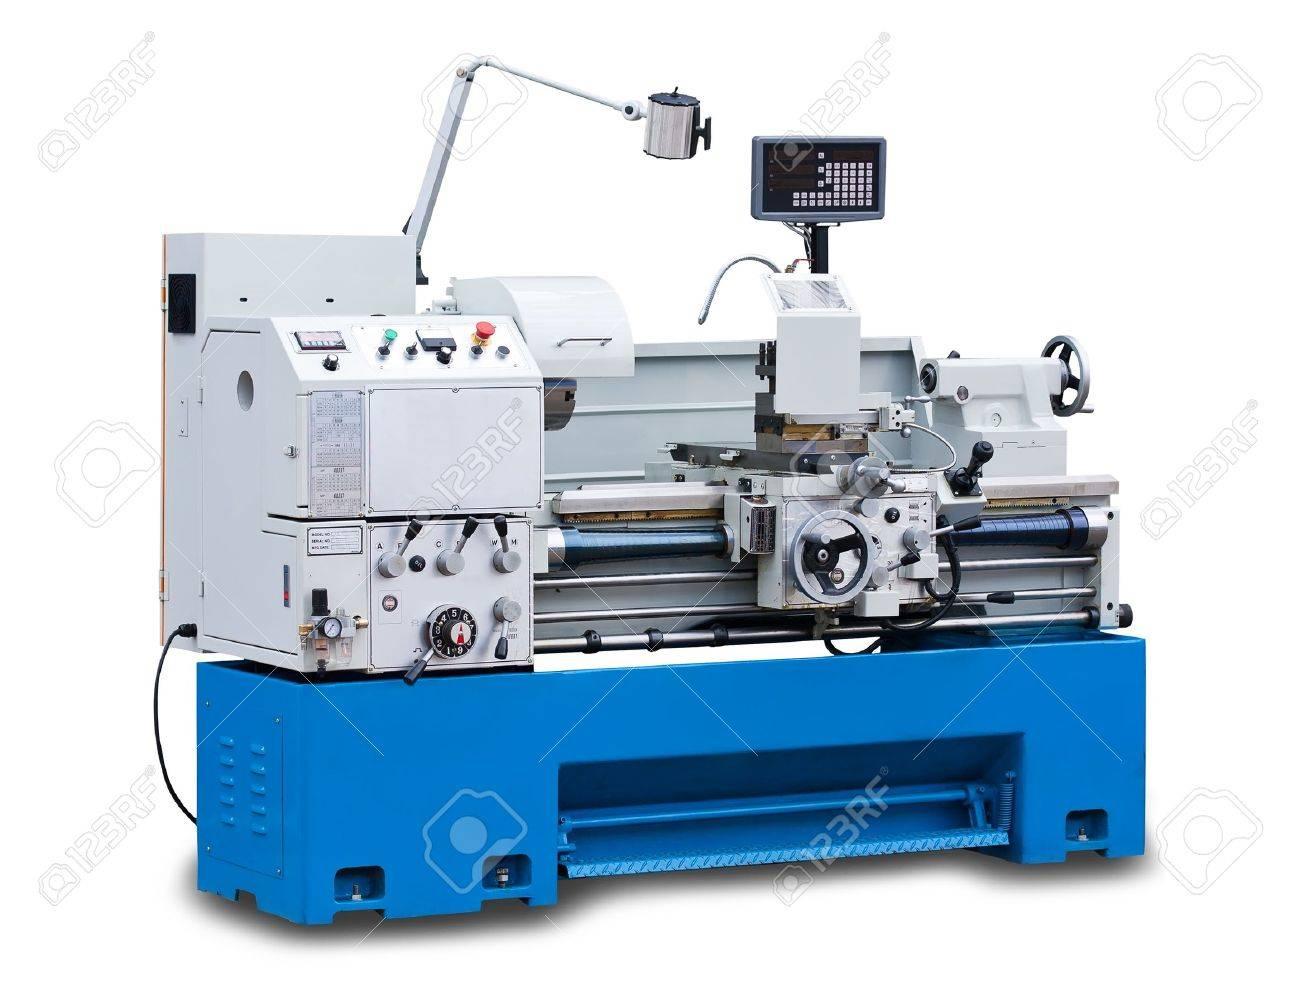 Lathe turning machine isolated on white background Stock Photo - 15260202